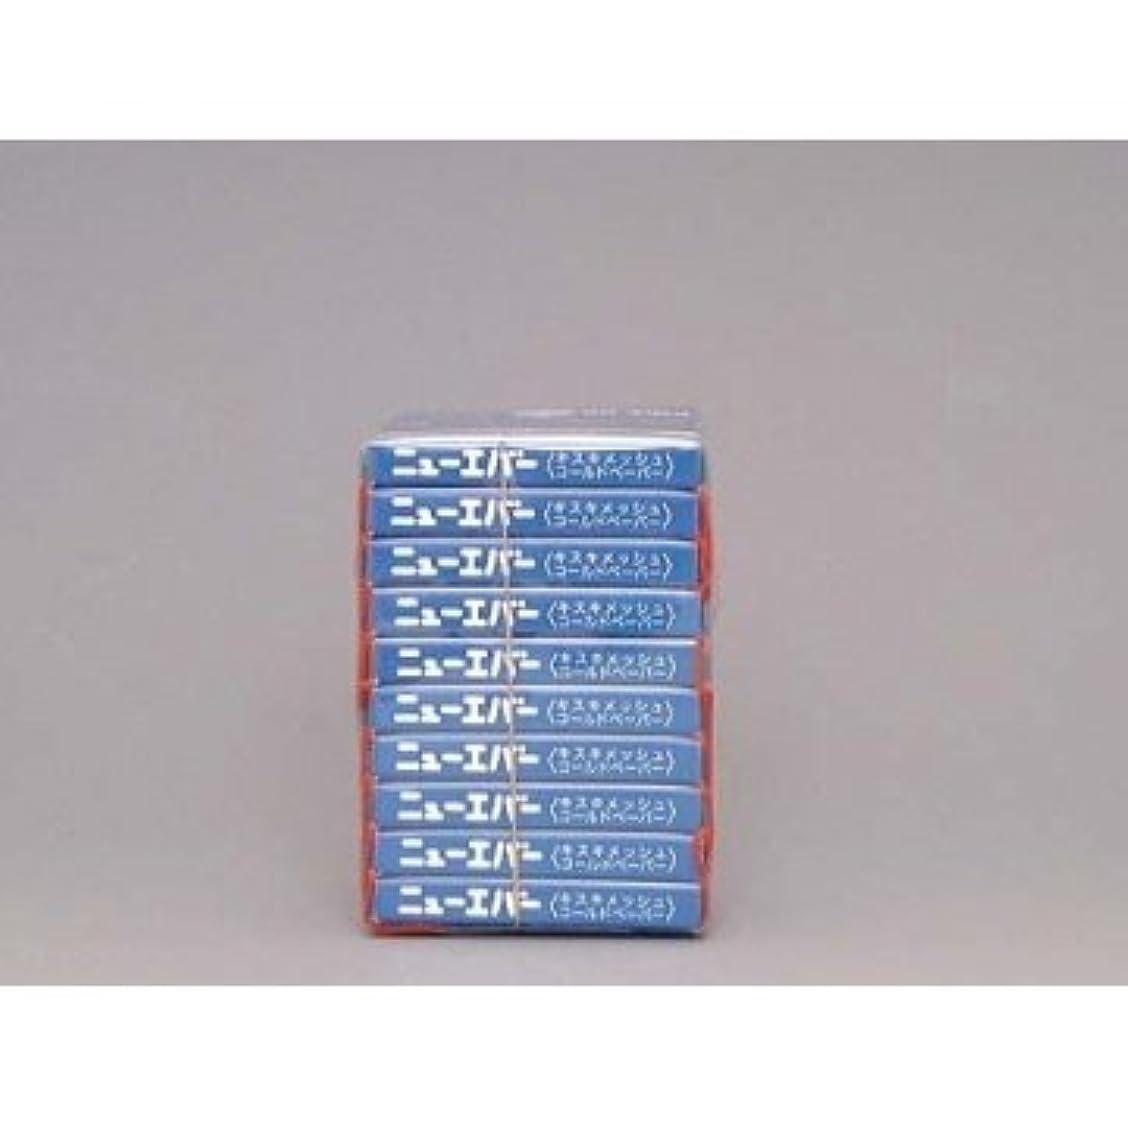 トラック強い爪米正 ニューエバー ピックアップ ハンディタイプL キスキメッシュコールドペーパー 100枚×10ケ入 ブルー